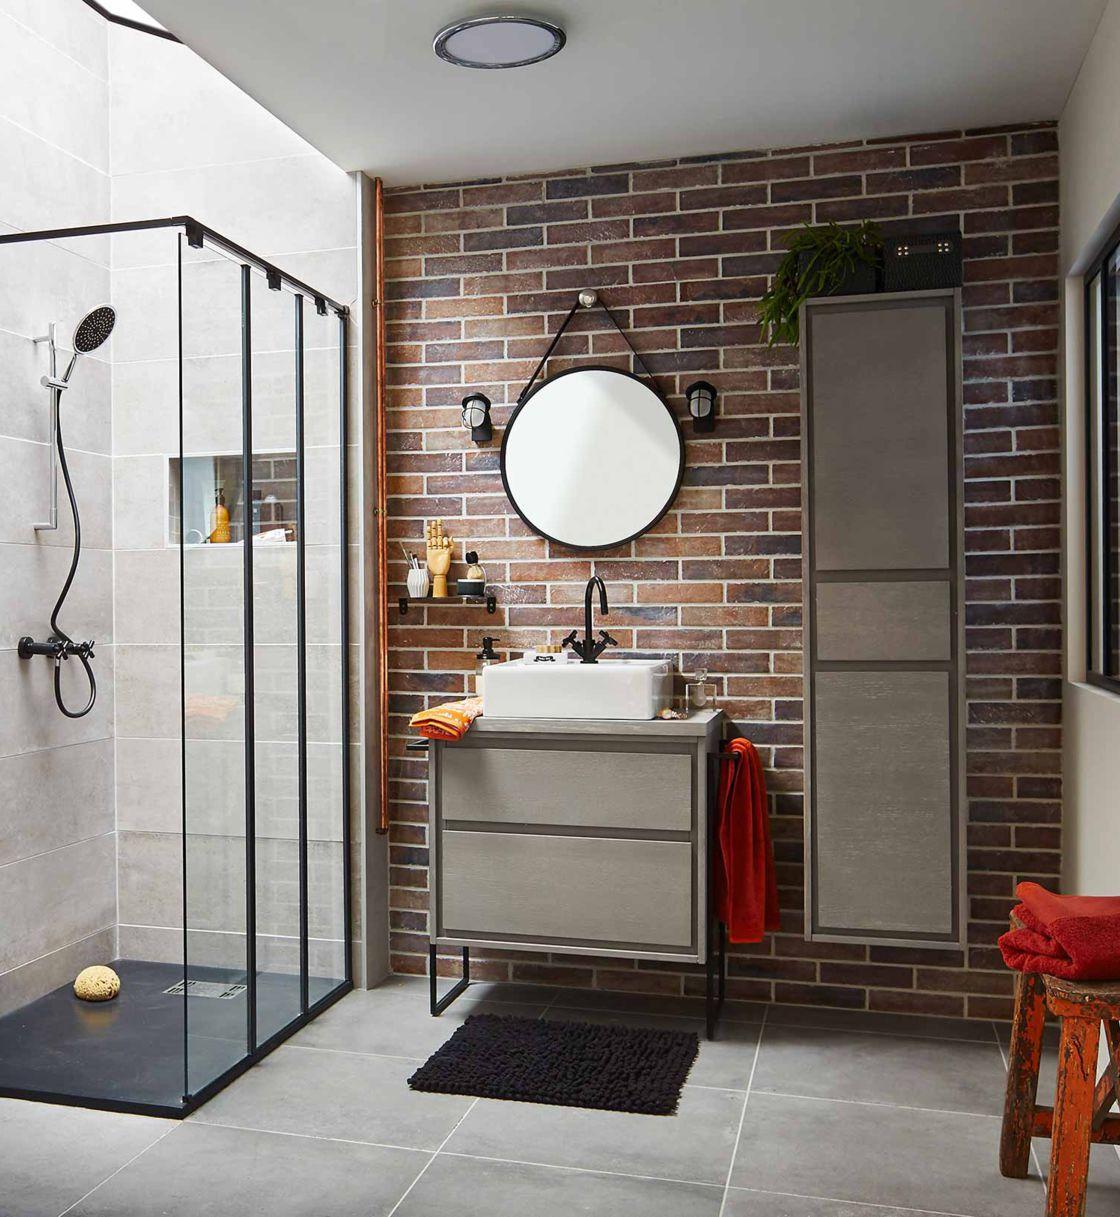 Comment Aménager Une Douche Dans Une Petite Salle De Bains à Créer Sa Salle De Bain